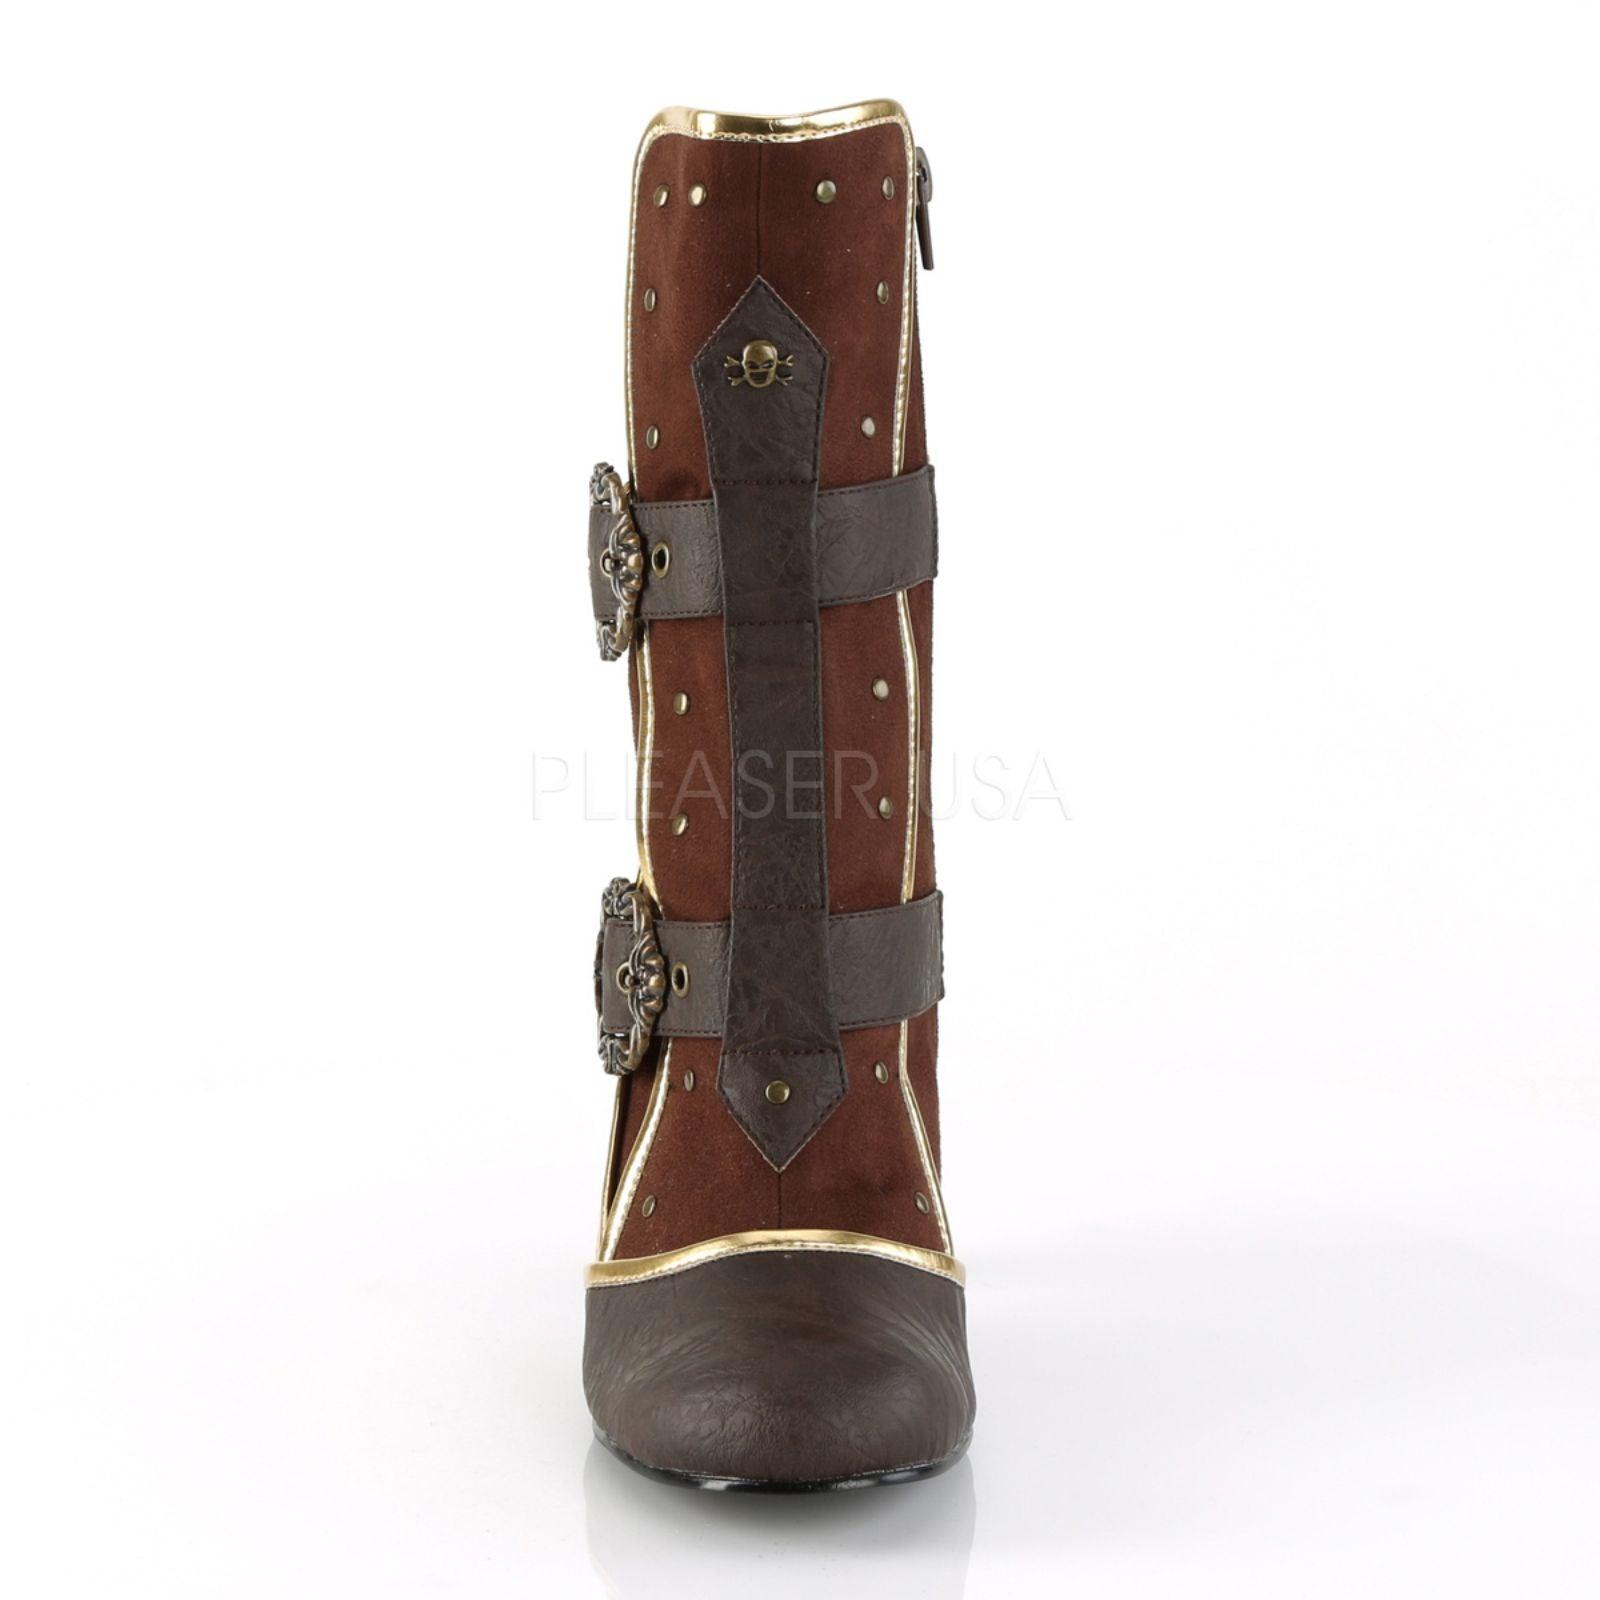 Schuhe & Fußbekleidung Accessoires PIRATE Boots Velvet Lace